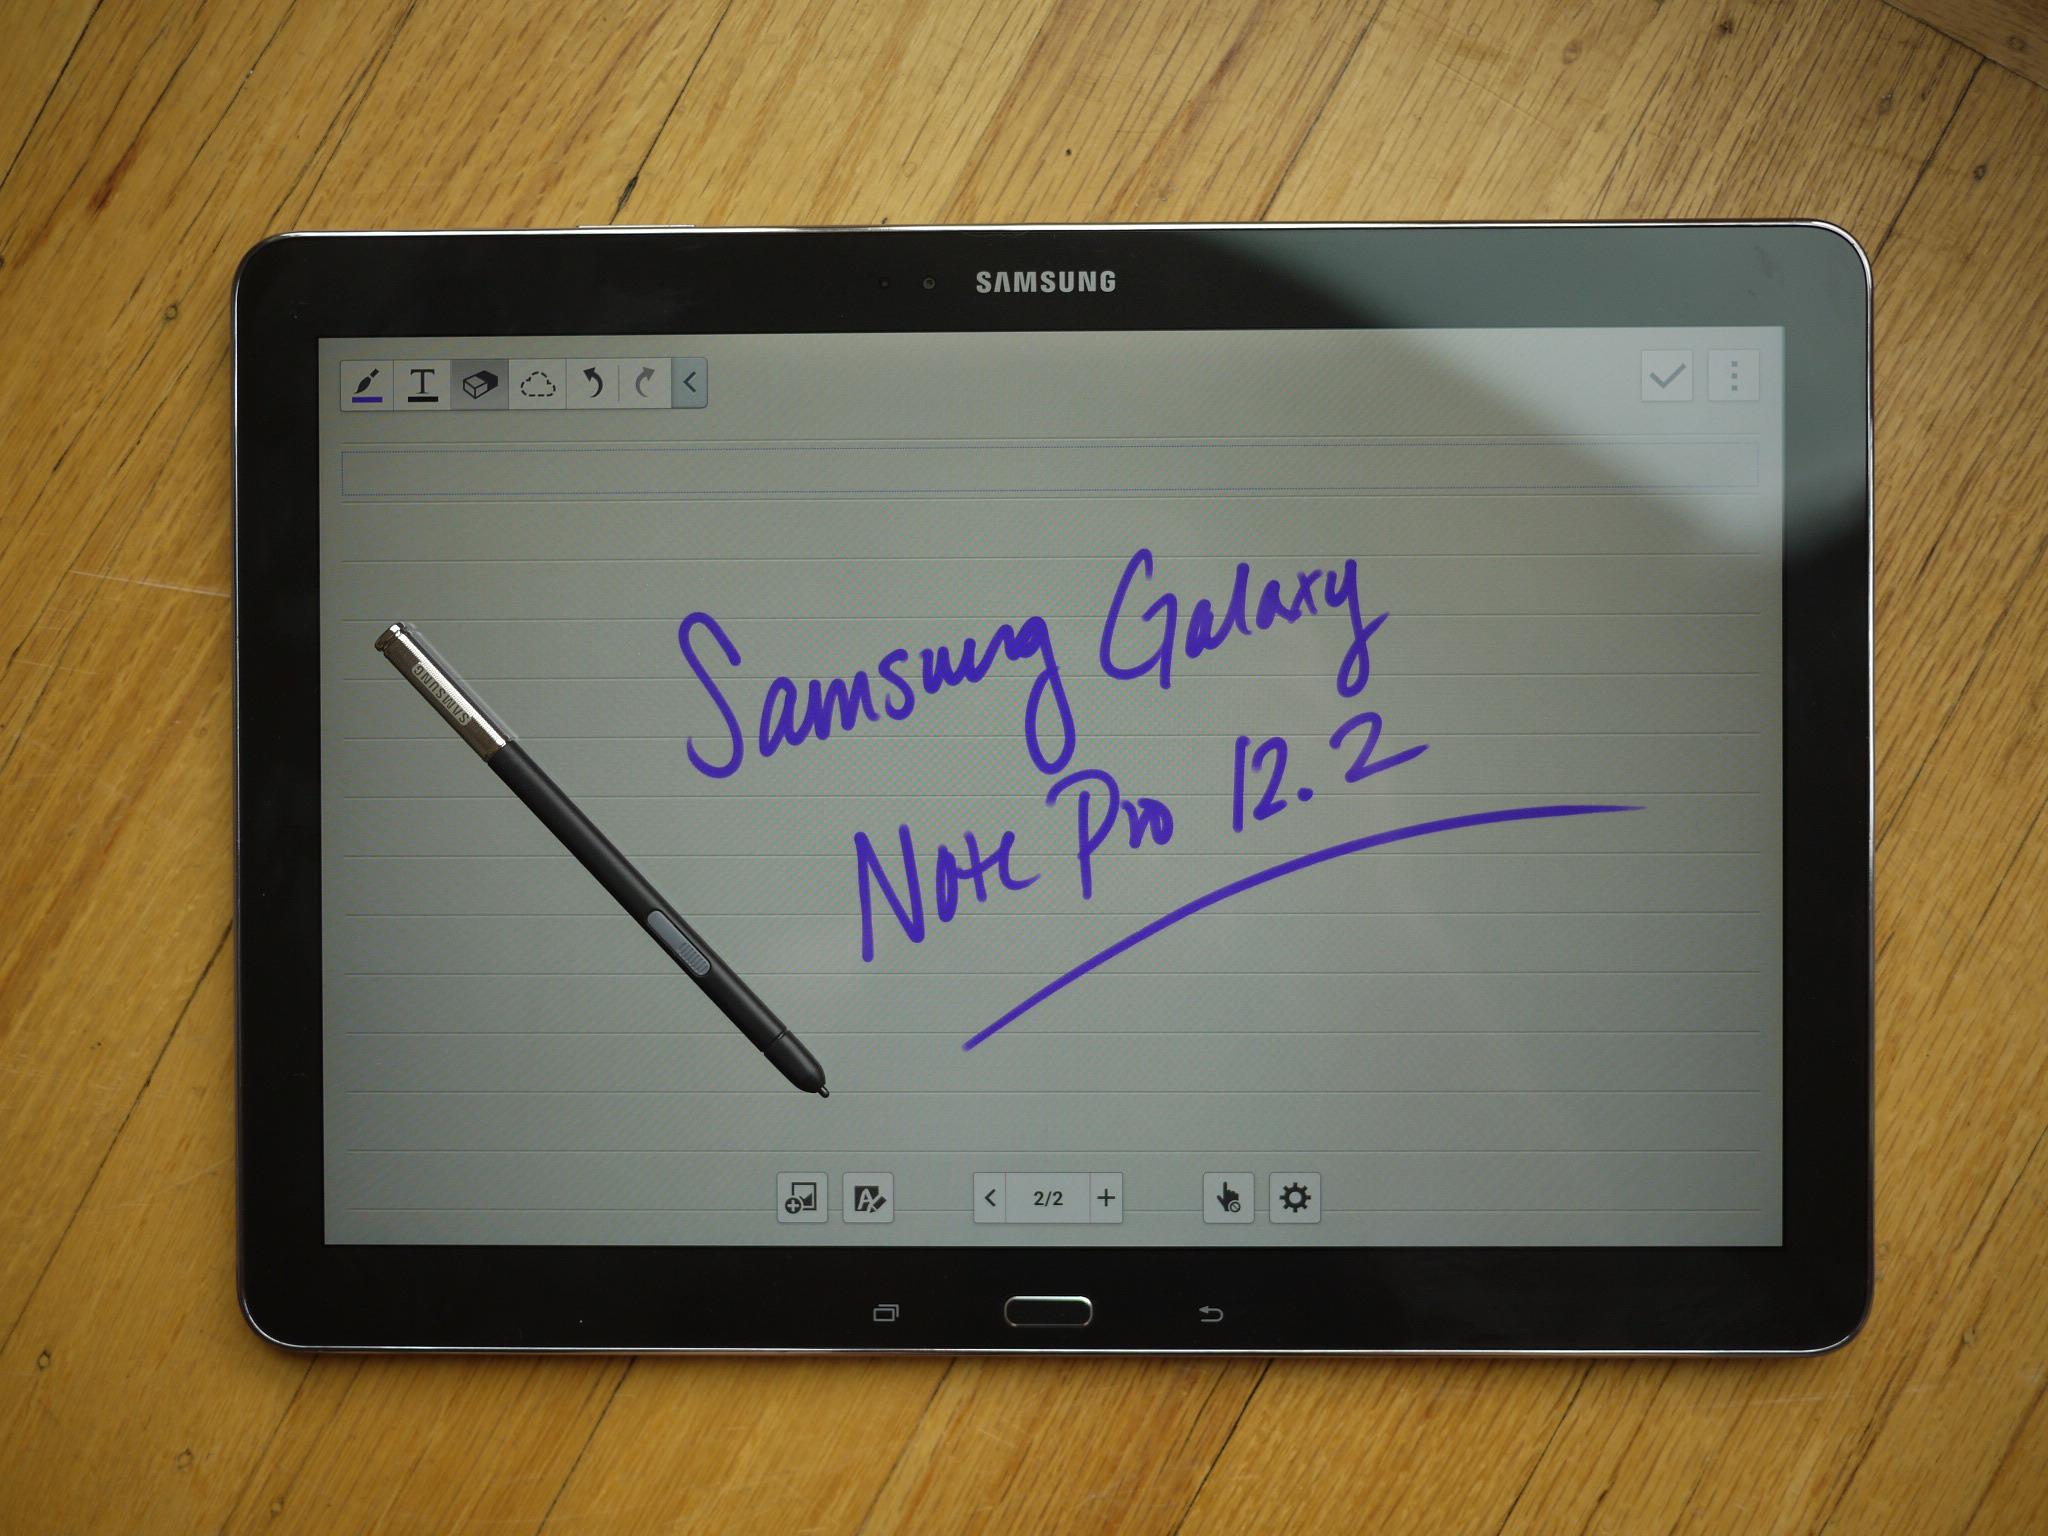 Samsung Galaxy Note Pro12.2 LTE Verdict